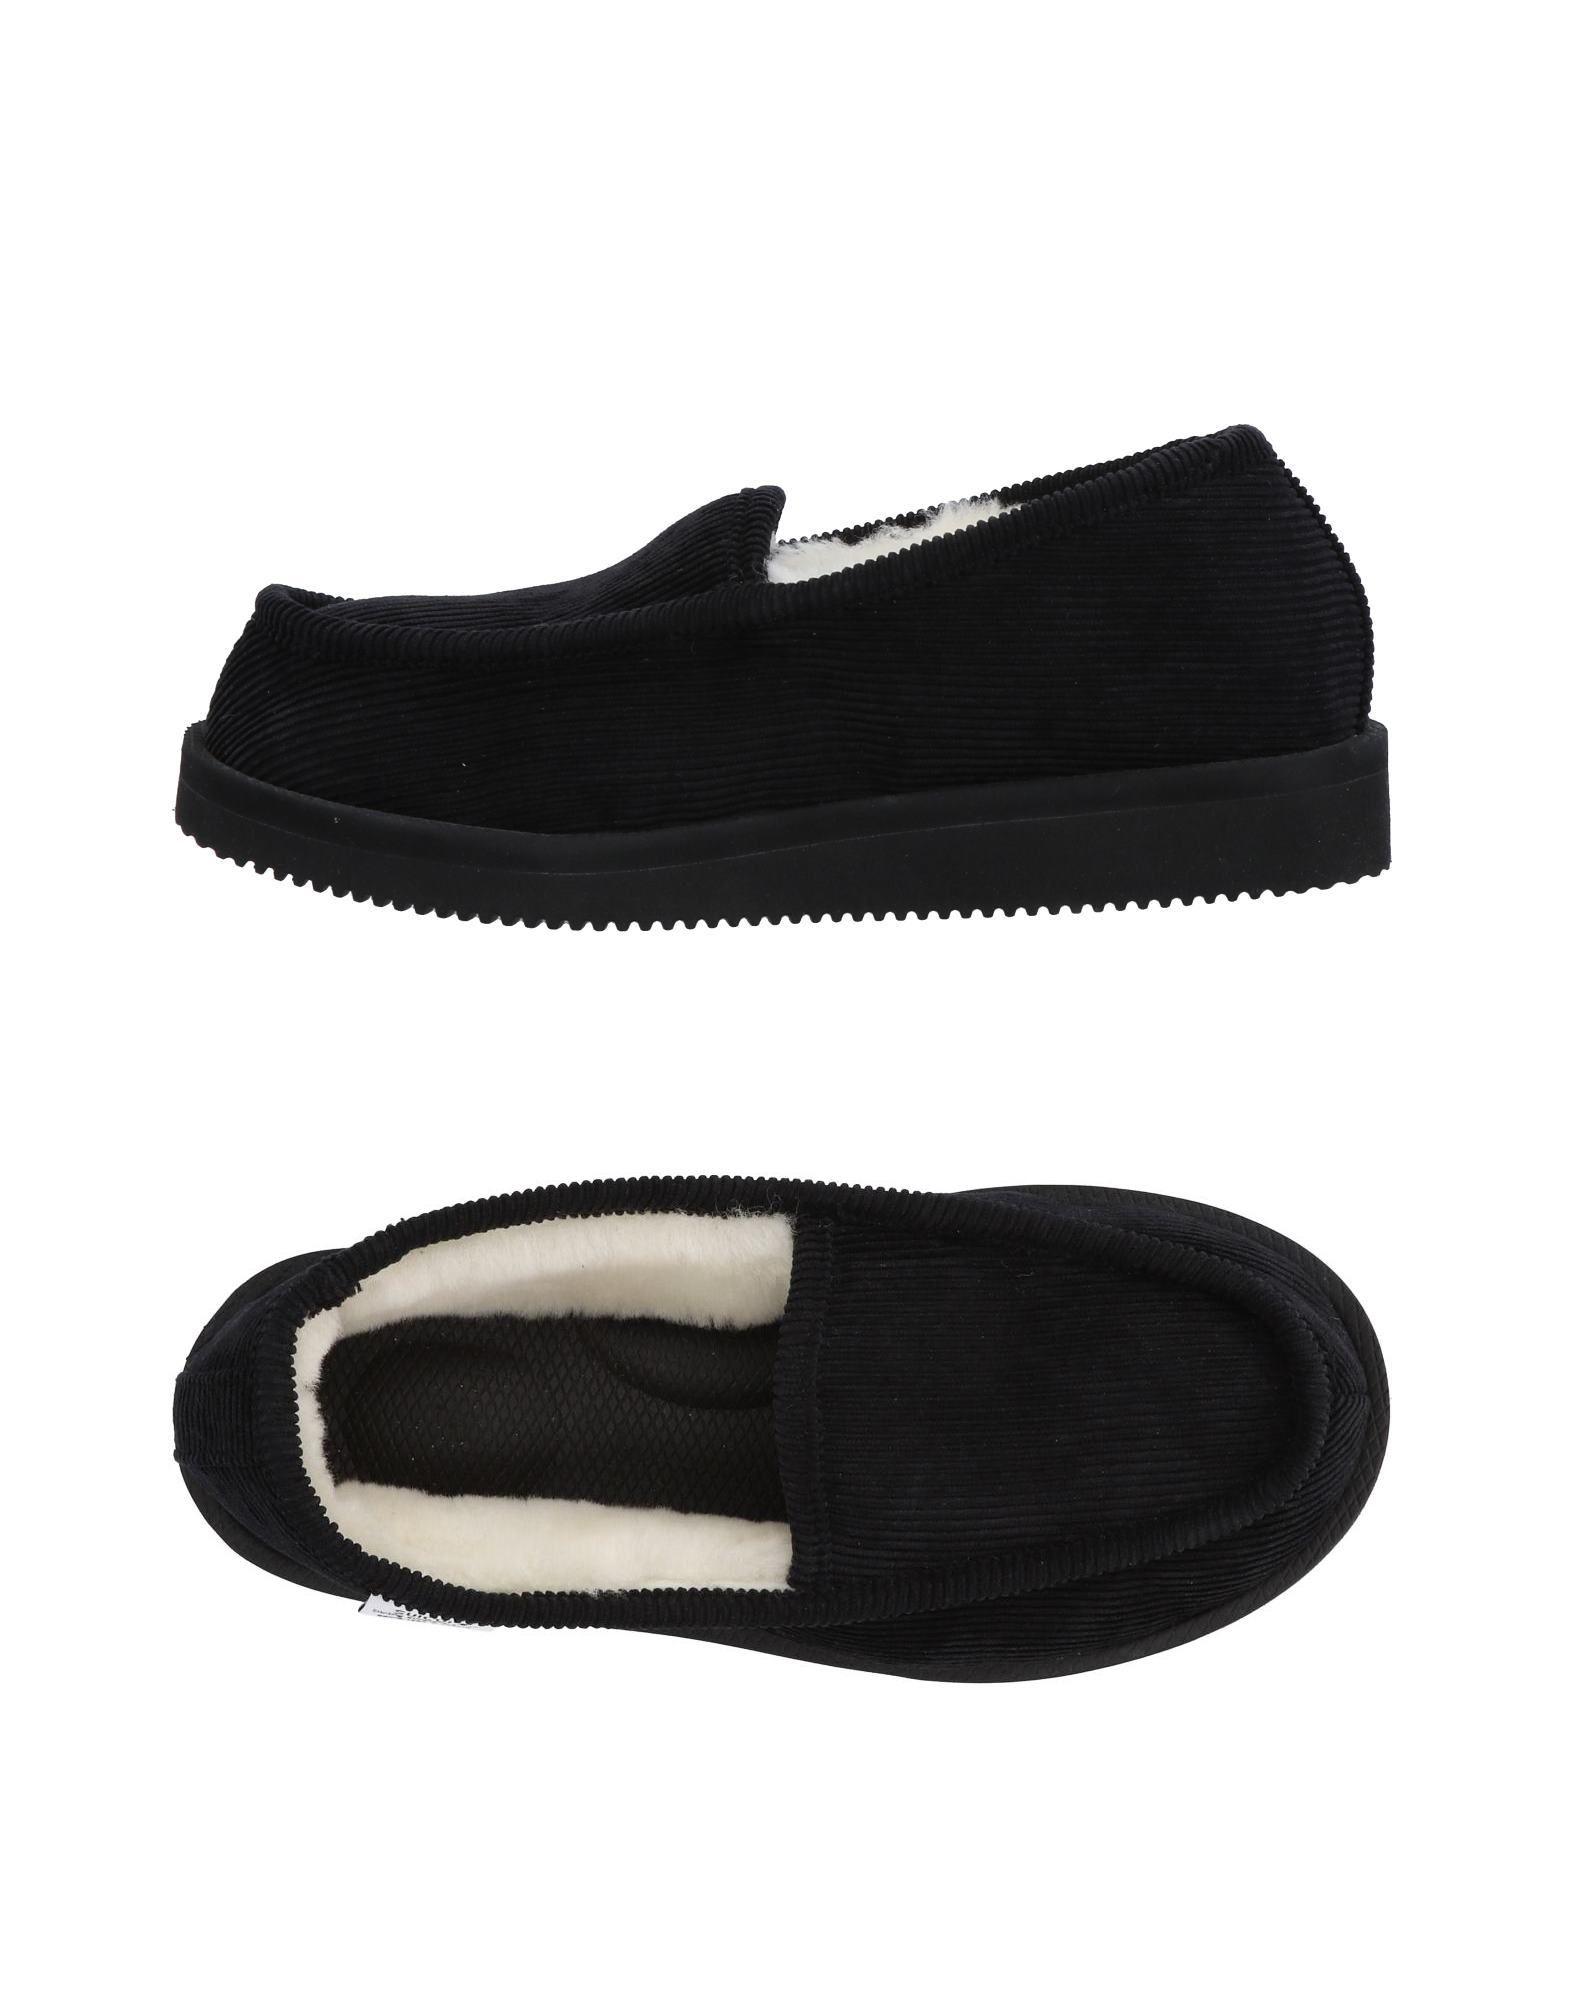 Suicoke Mokassins Damen  11496367TR Gute Qualität beliebte Schuhe